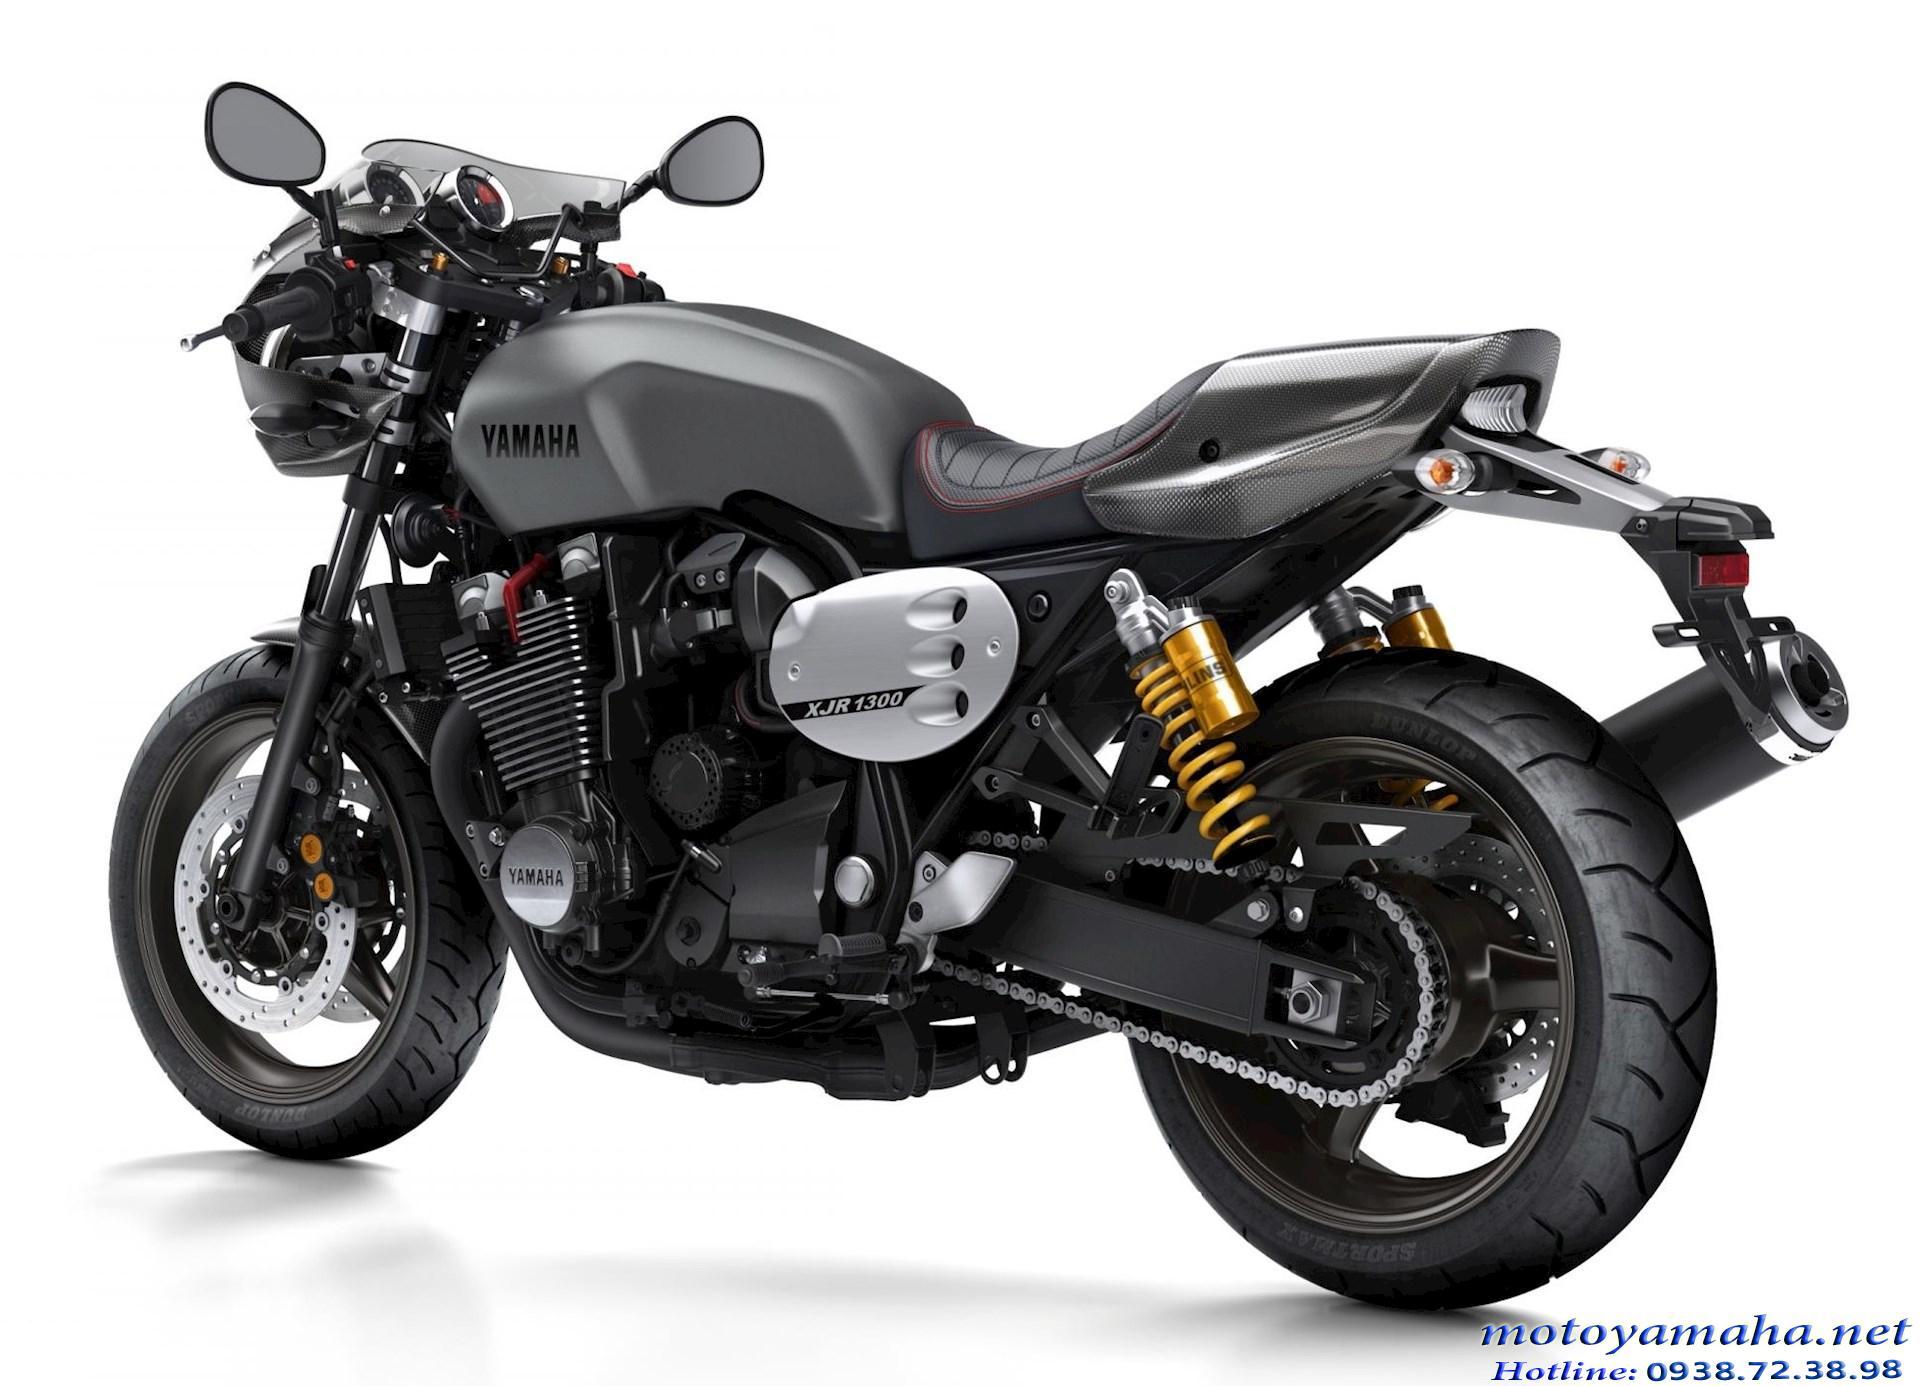 Yamaha XJR1300 racer zin không phải độ